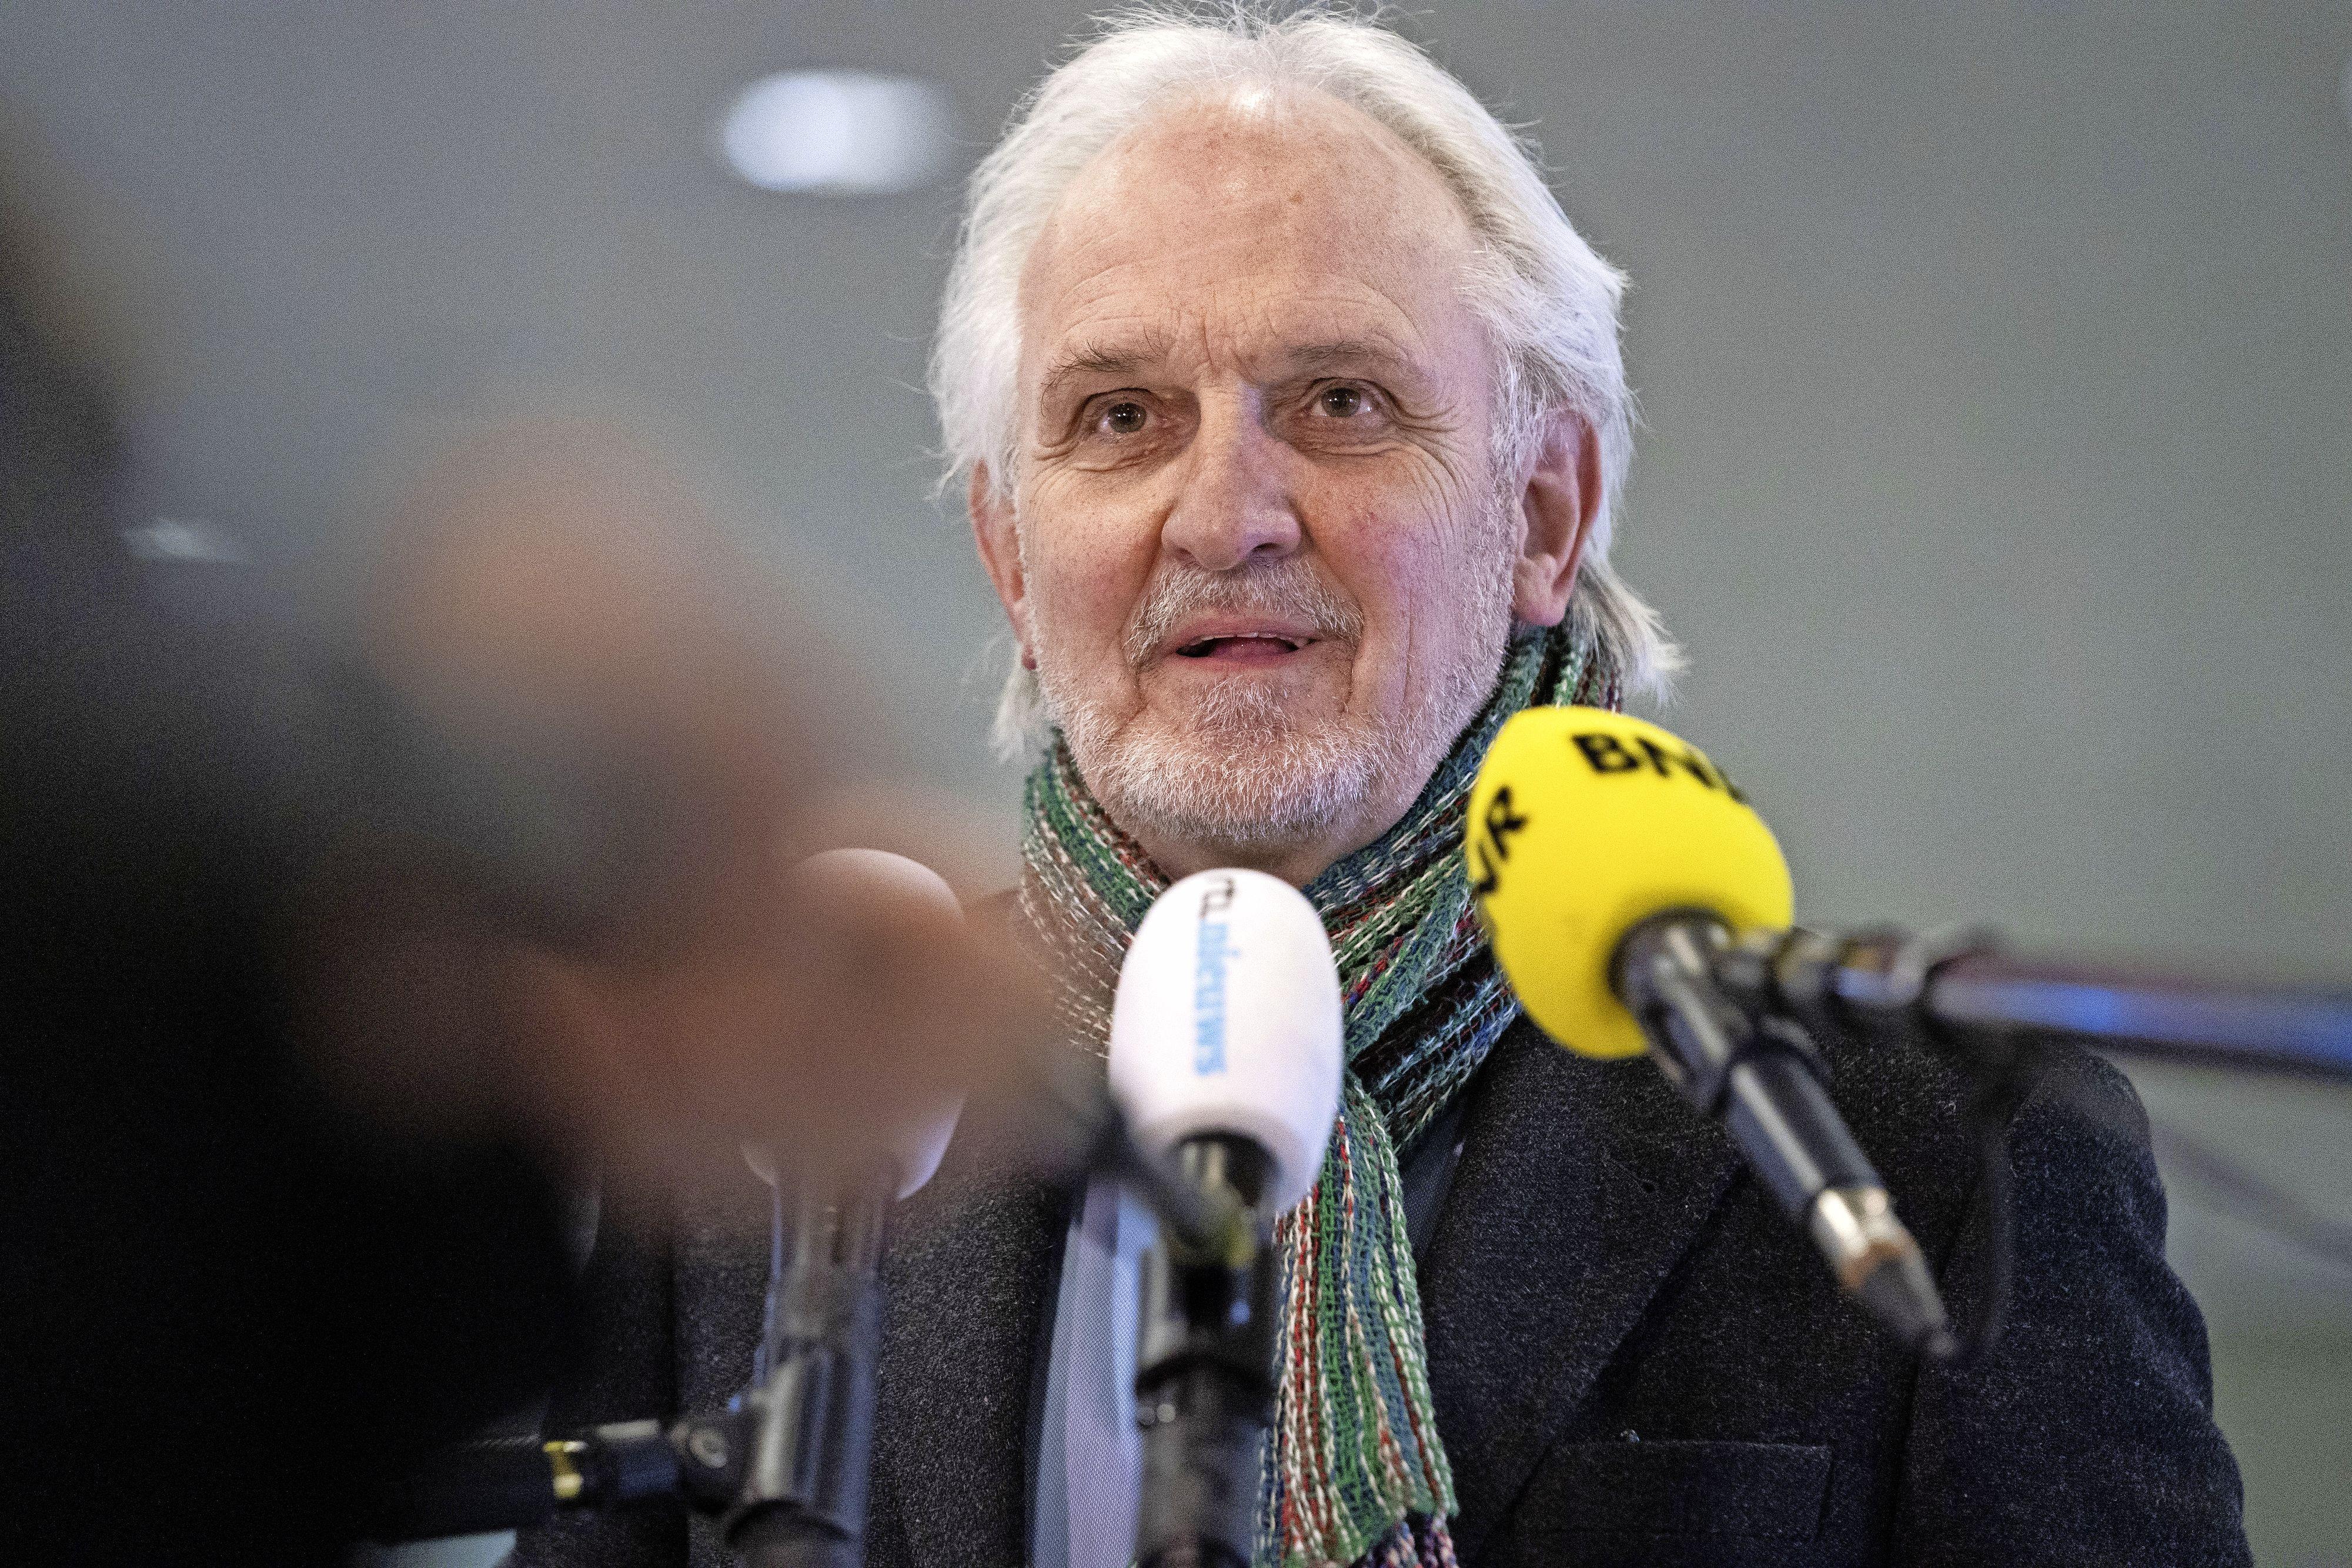 Commissaris van de Koning in gesprek met Hilversumse gemeenteraad over zieke burgemeester Pieter Broertjes